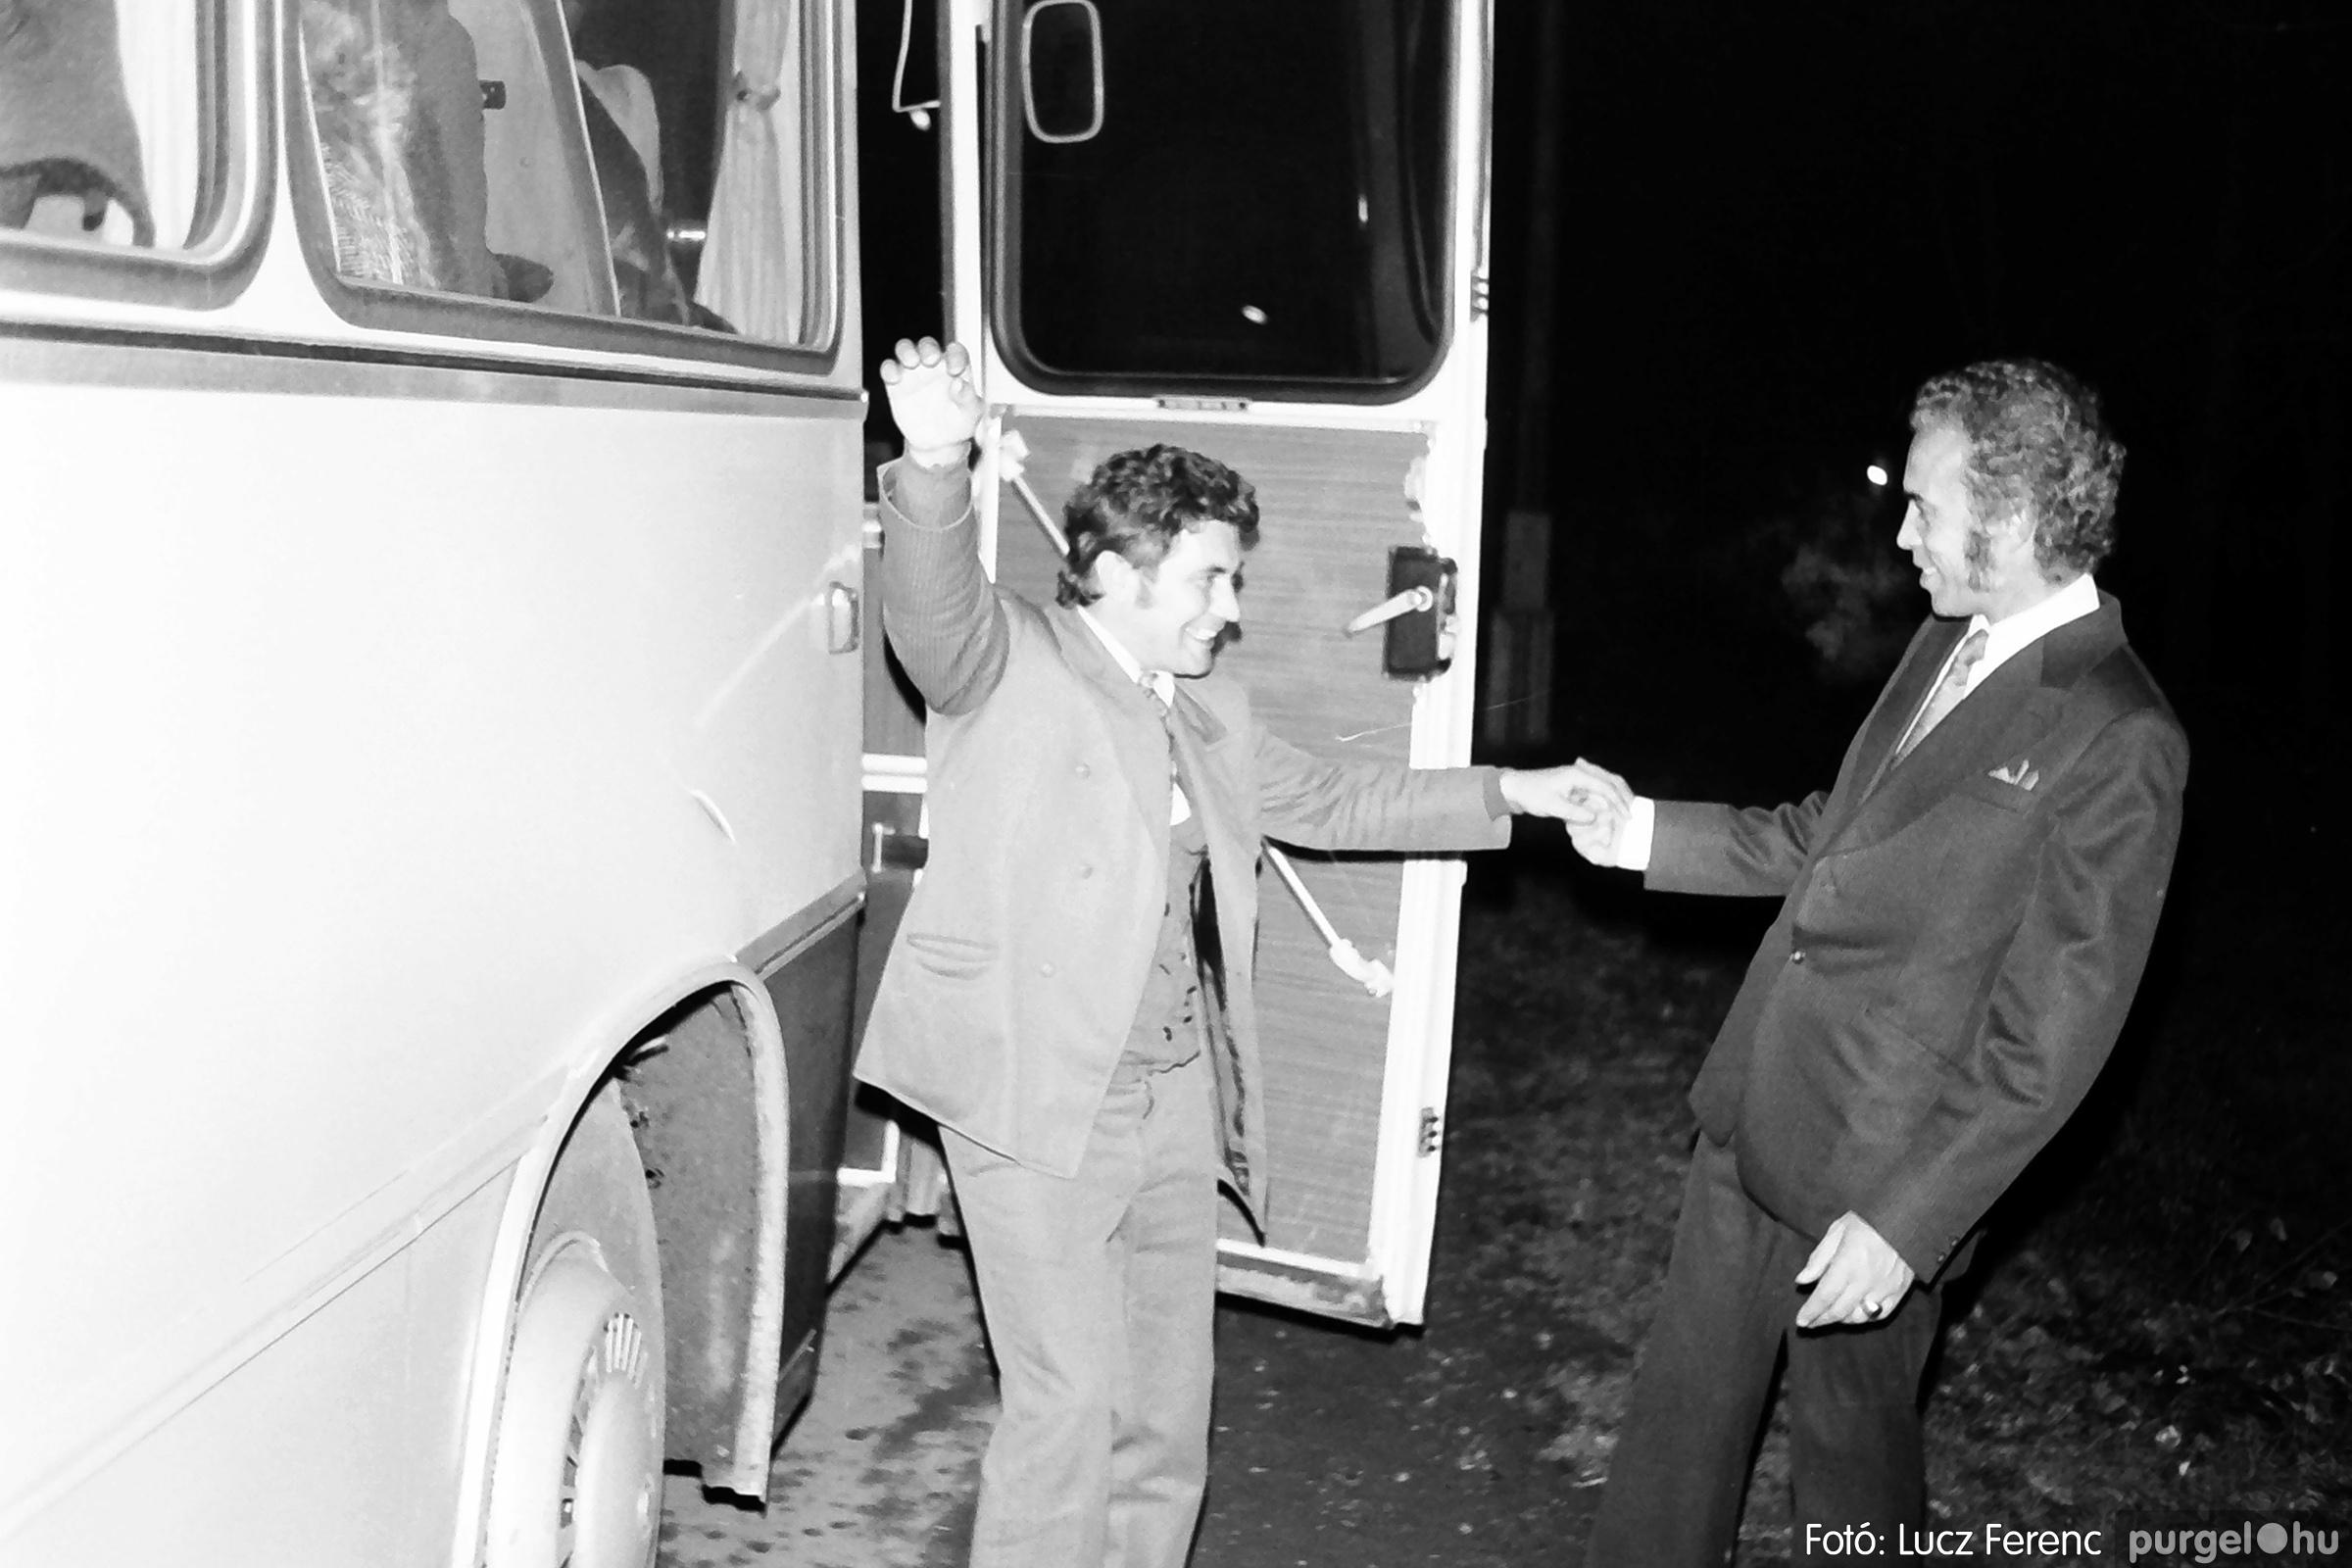 064-065. 1976. KTSZ-es dínomdánom a vendéglőben 032. - Fotó: Lucz Ferenc.jpg